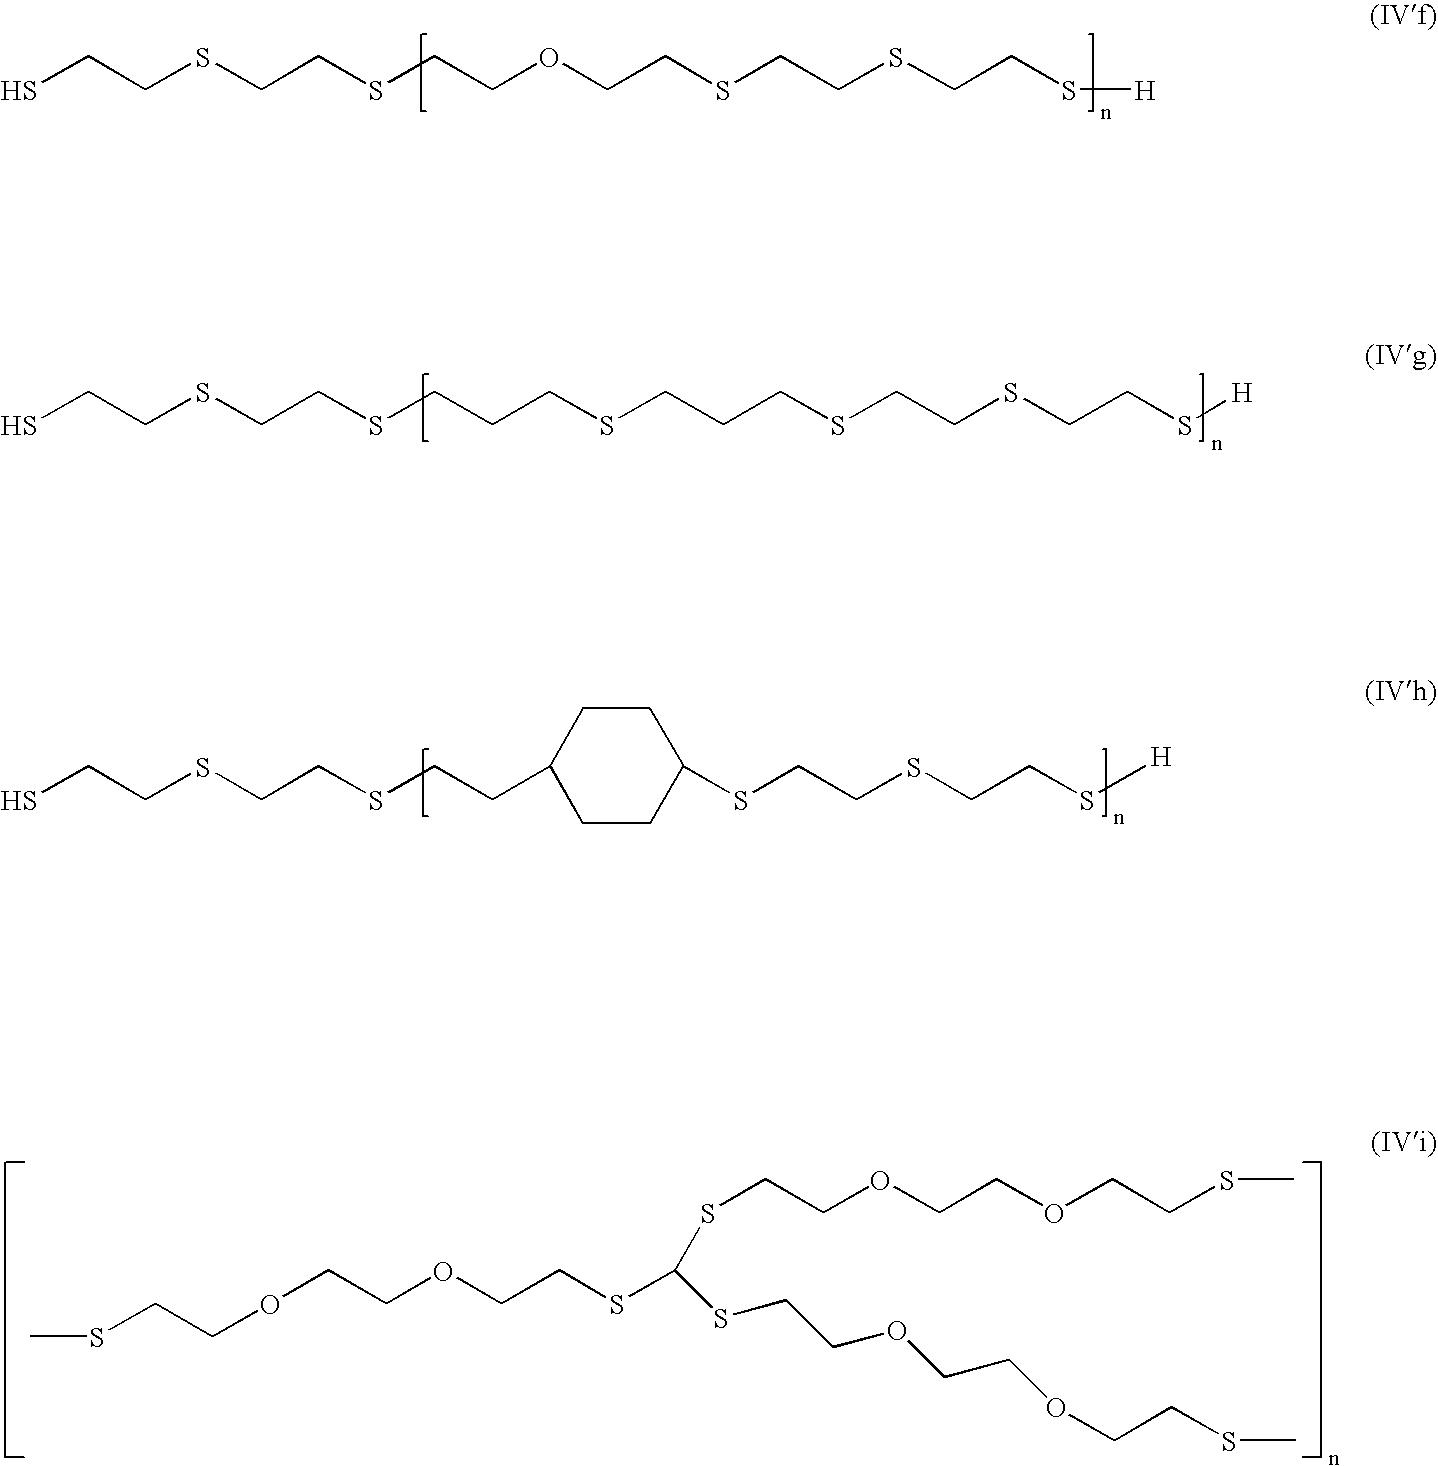 Figure US20040138401A1-20040715-C00036